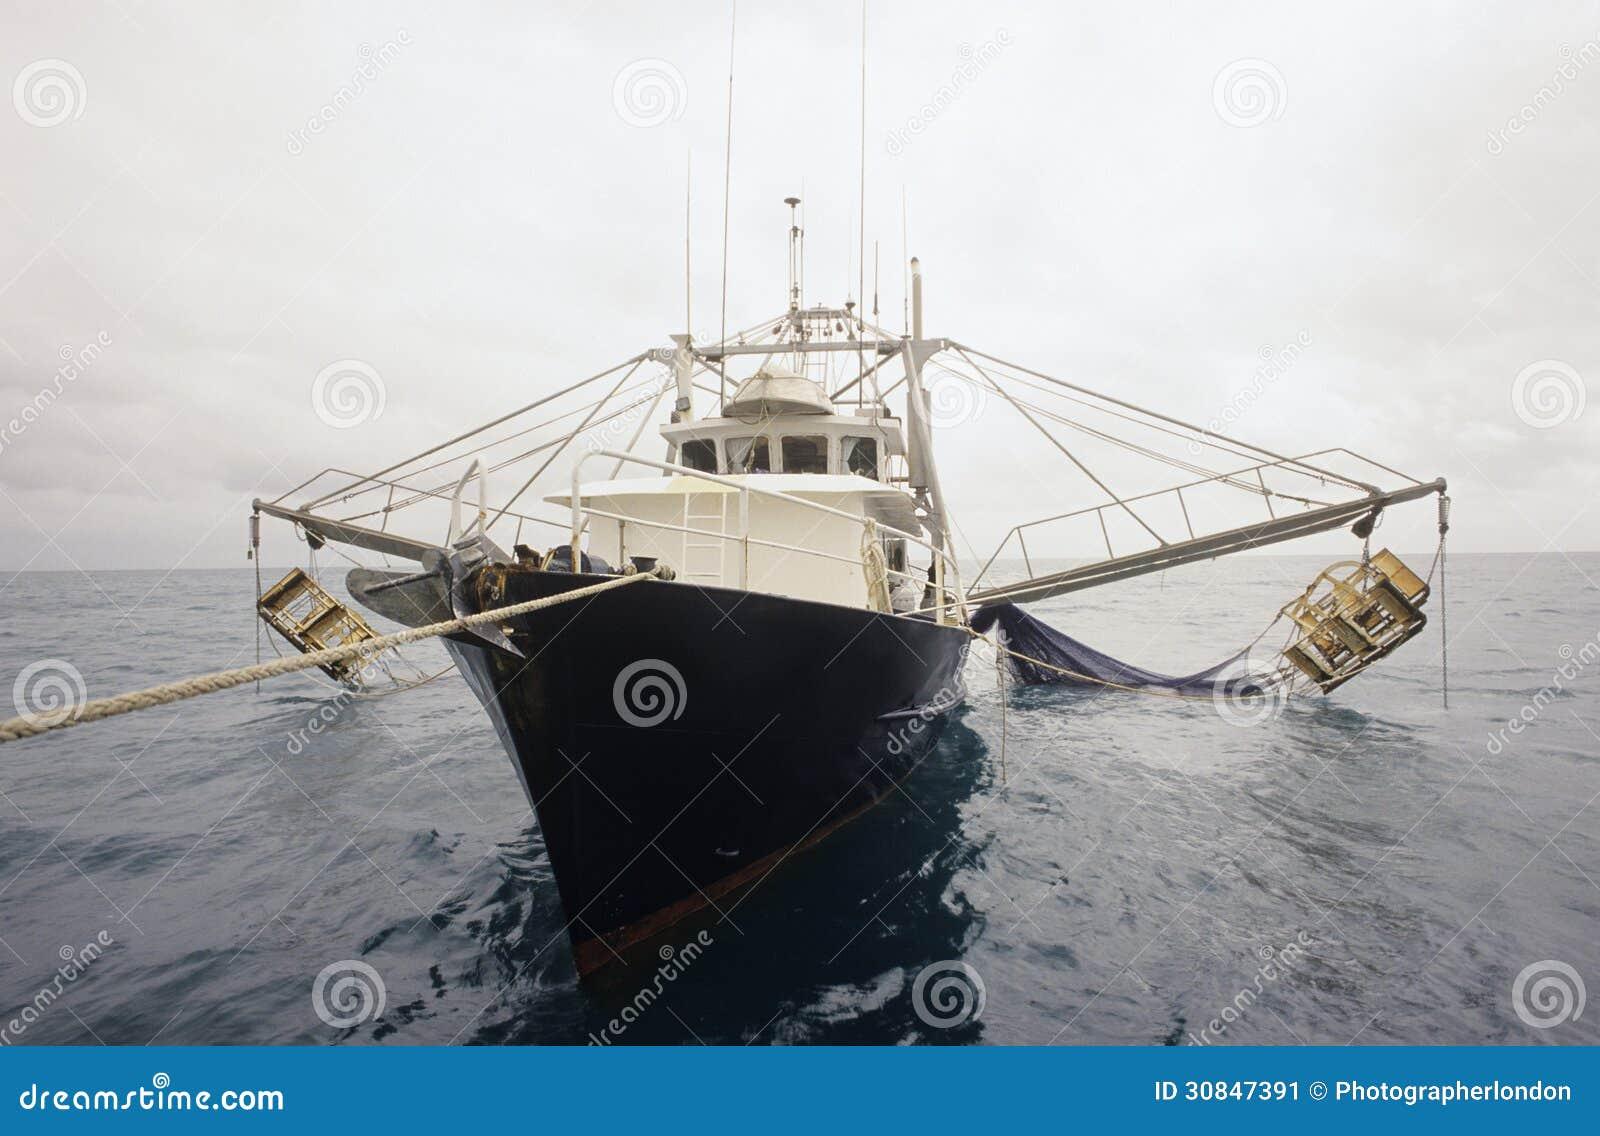 Prawn Fishing Trawler Gulf Of Carpentaria Australia Stock Image - Image: 30847391